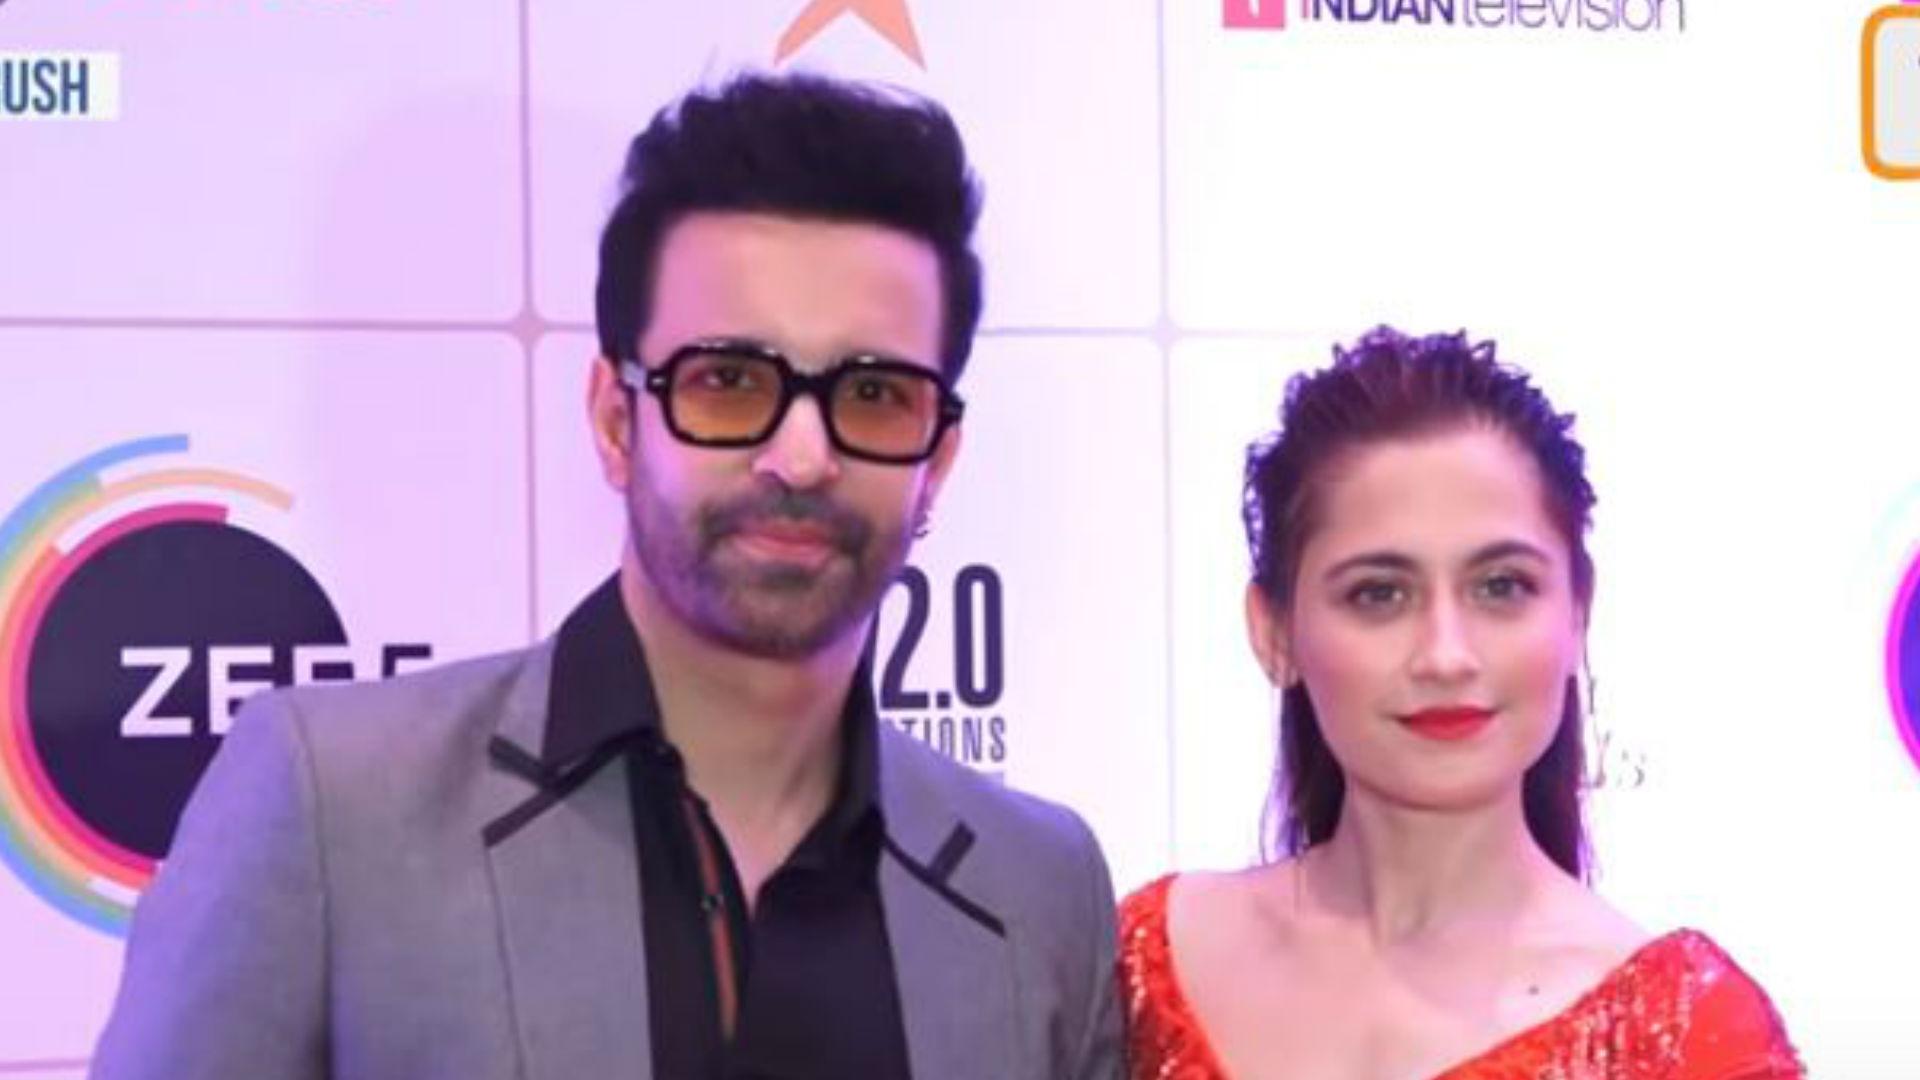 संजीदा शेख ने आमिर अली के साथ रिश्तों में आई दरार को लेकर तोड़ी चुप्पी, सोशल मीडिया पर लिखा ये मैसेज